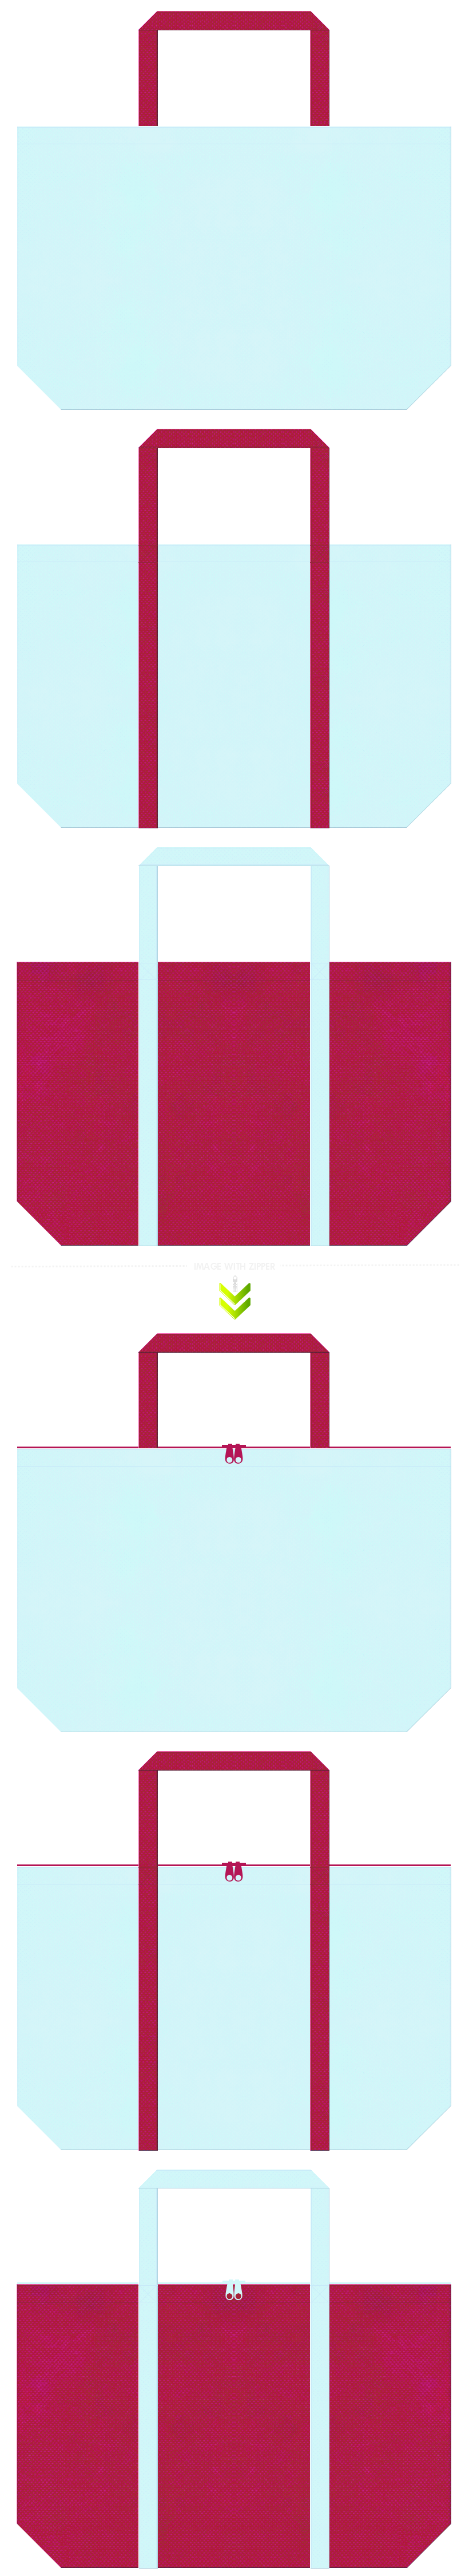 女王様・人魚・氷いちご・アイスキャンディー・フルーツカクテル・絵本・おとぎ話・ガーリーデザイン・夏浴衣のショッピングバッグにお奨め:水色と濃いピンク色のコーデ